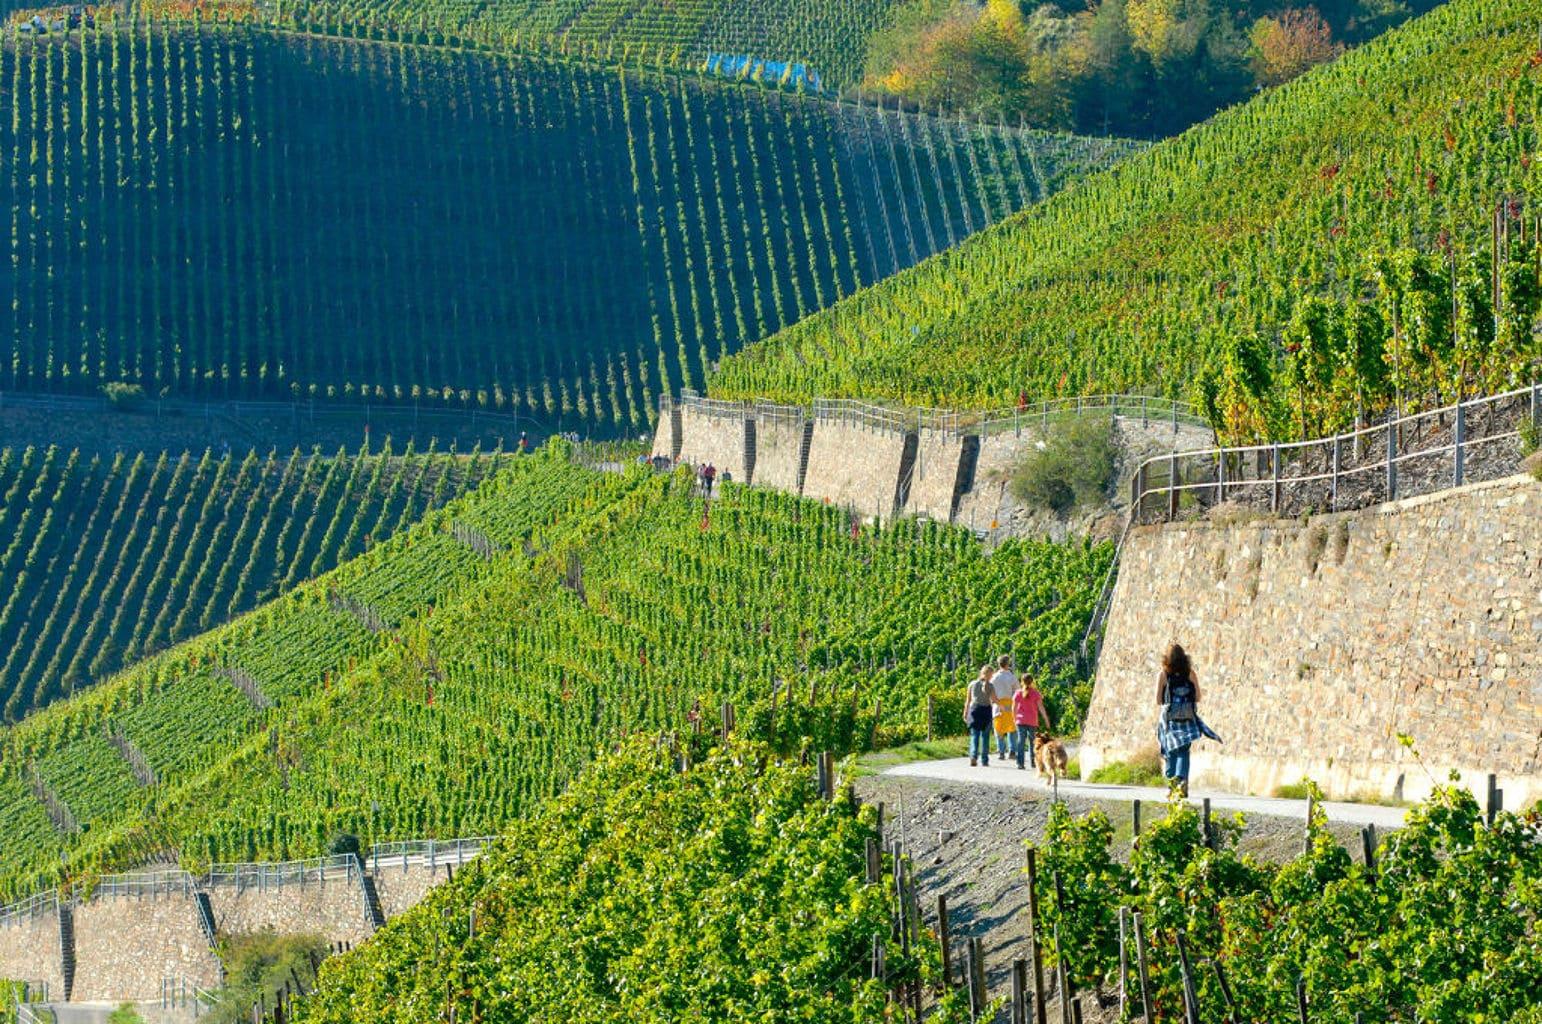 Wandelpad in de wijnbergen van de Ahr met wijnstokken